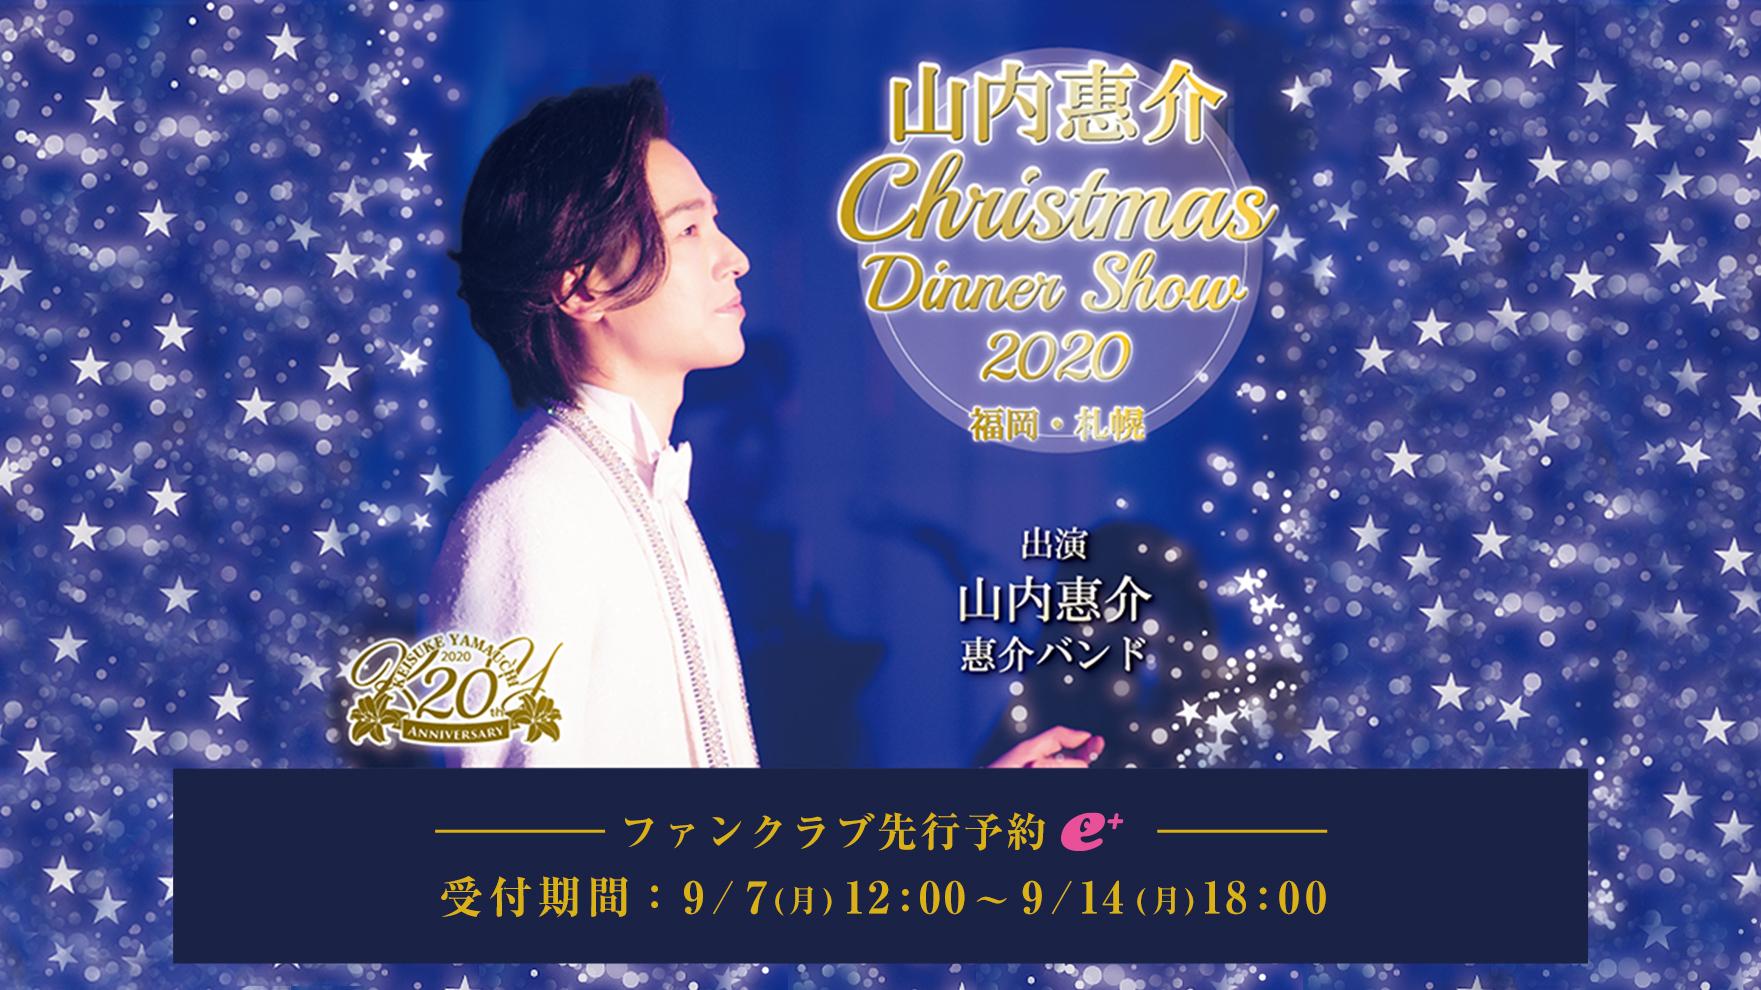 クリスマスディナーショー2020